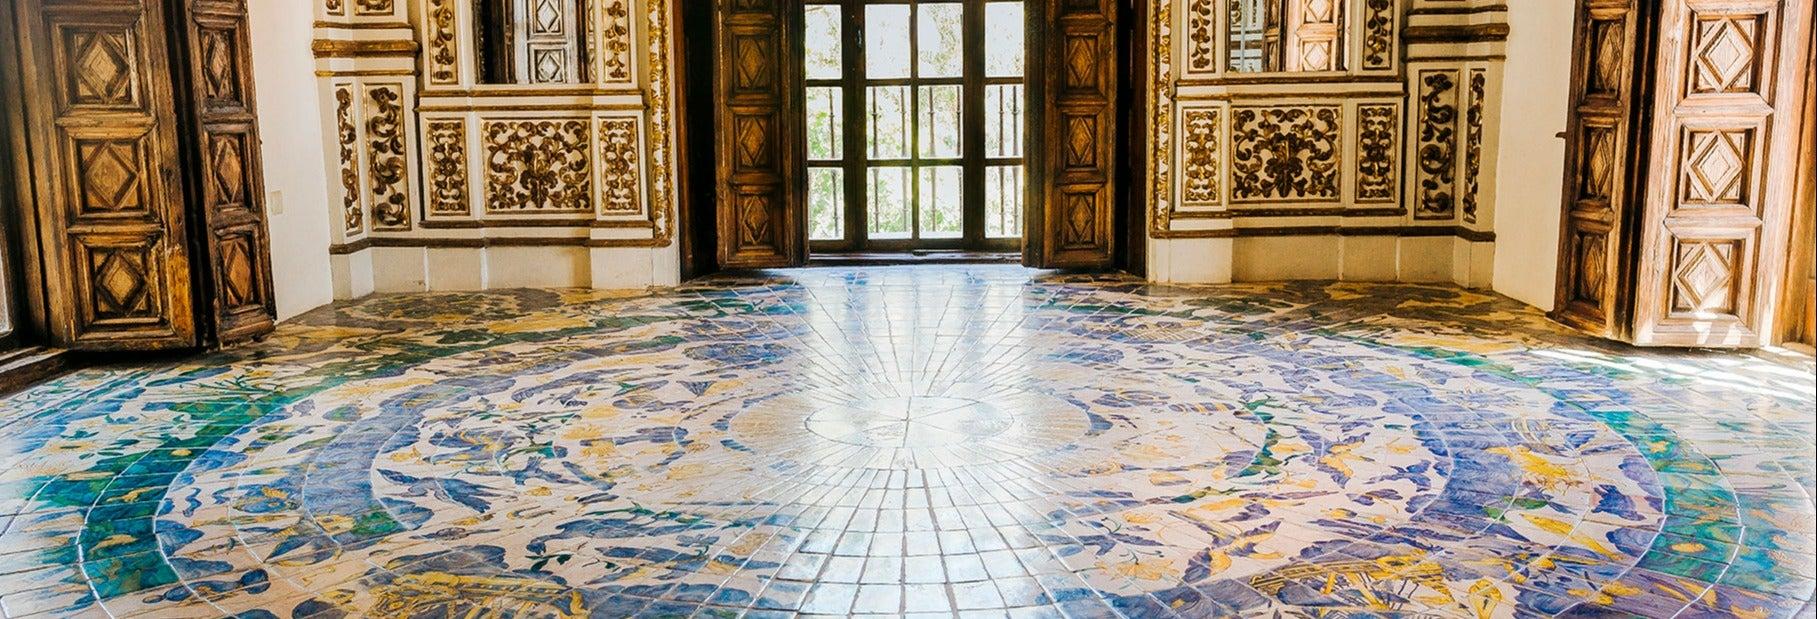 Ingresso do Palácio Ducal dos Borgia